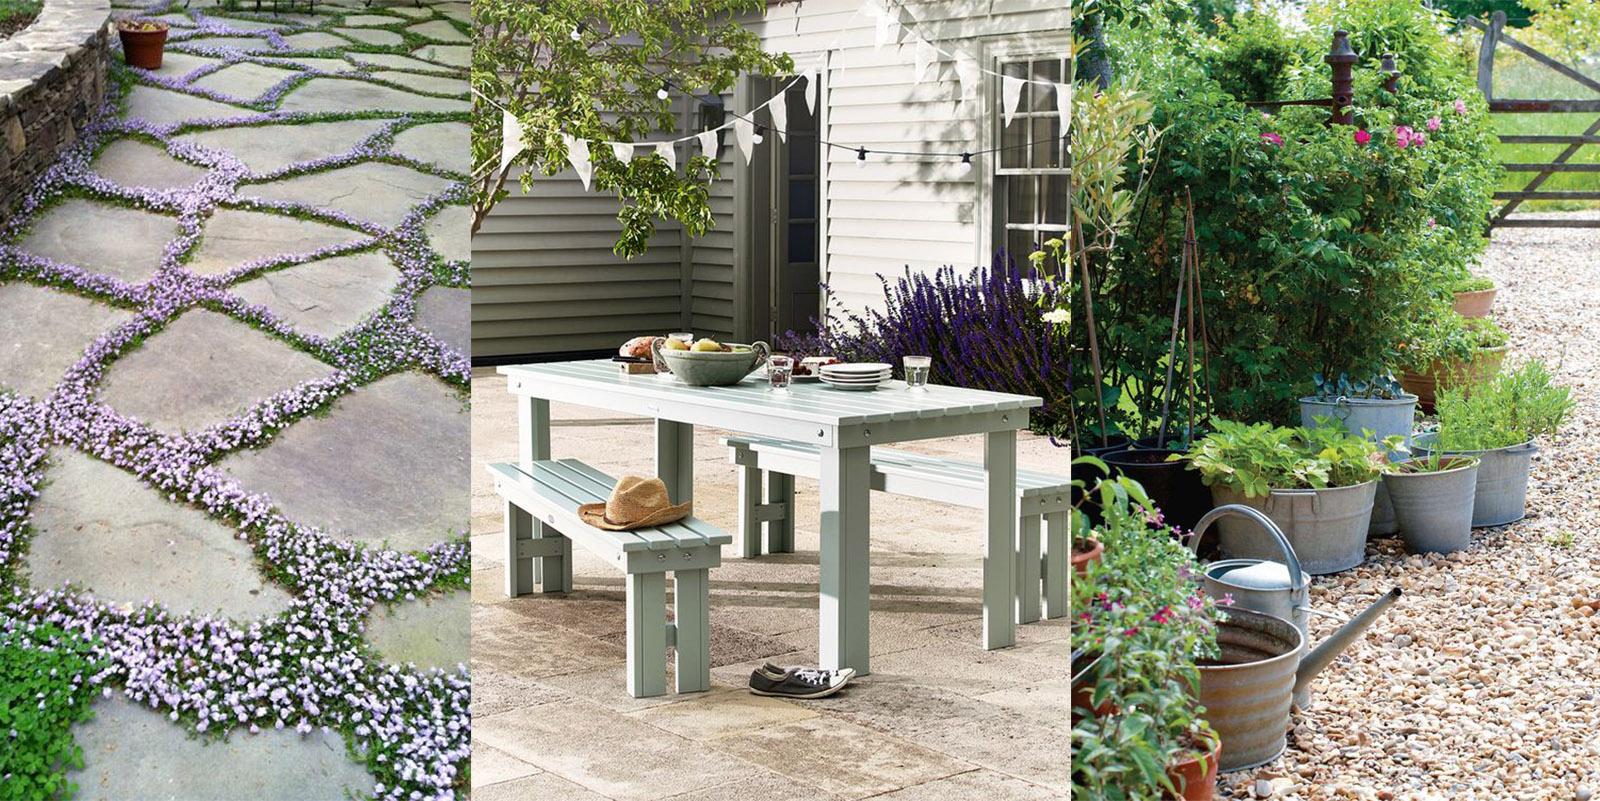 Garden Paving Inspiration for Spring